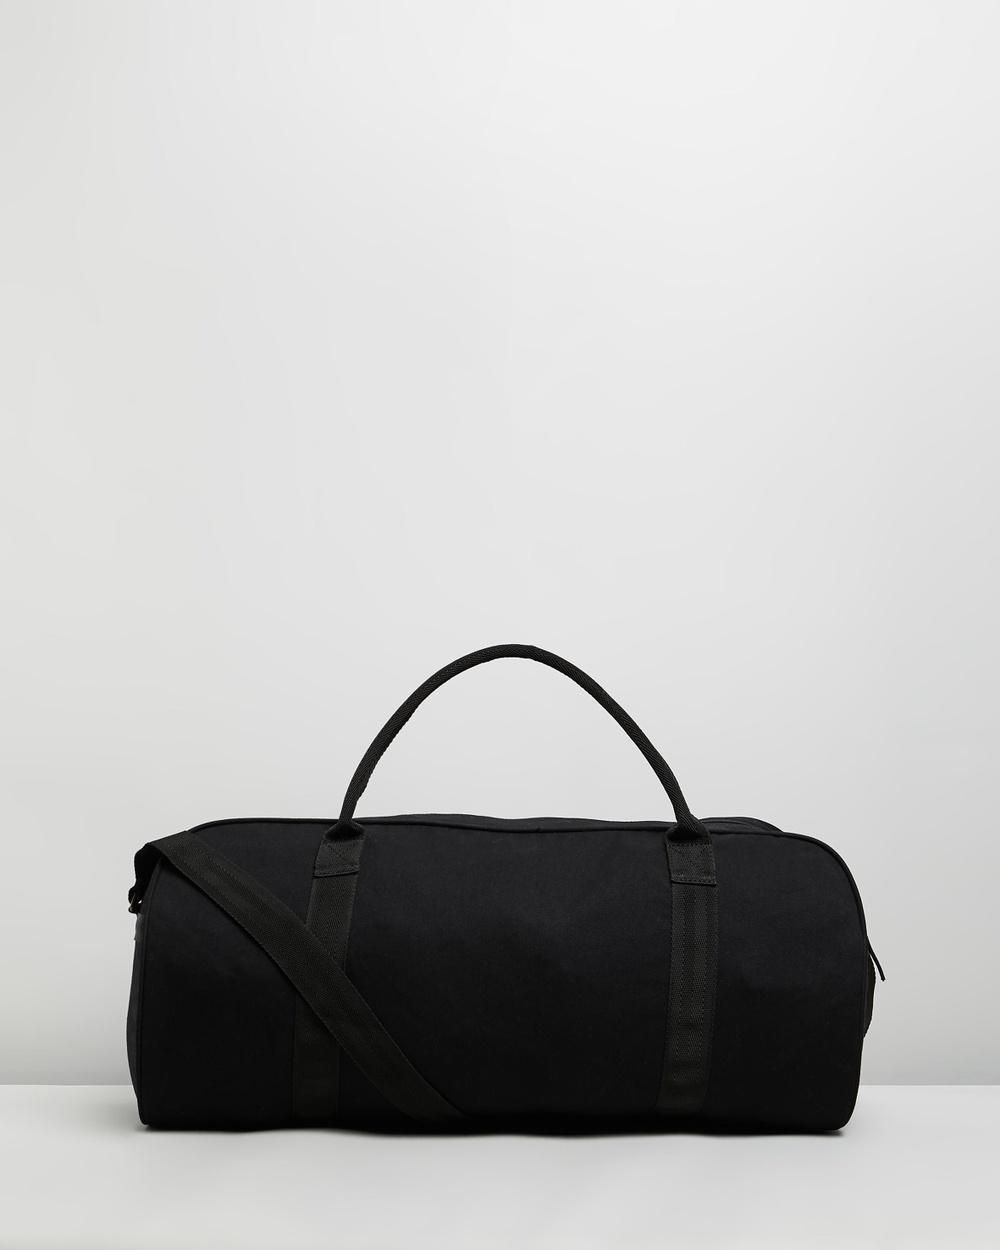 Staple Superior Everyday Weekender Duffle Bags Black